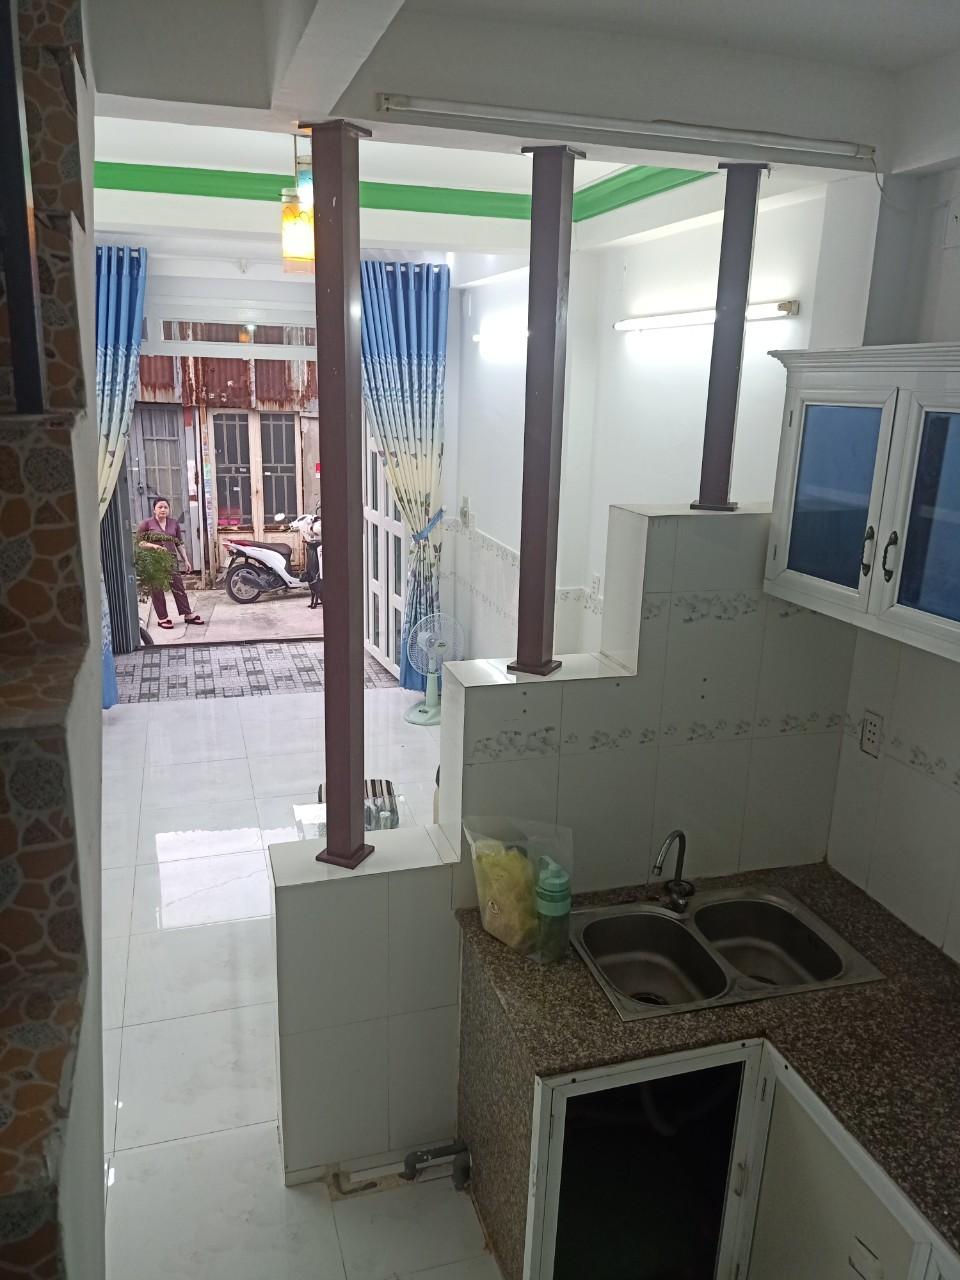 Bán nhà quận Bình Tân dưới 3 tỷ hẻm 184 Lê Đình Cẩn phường Tân Tạo quận Bình Tân